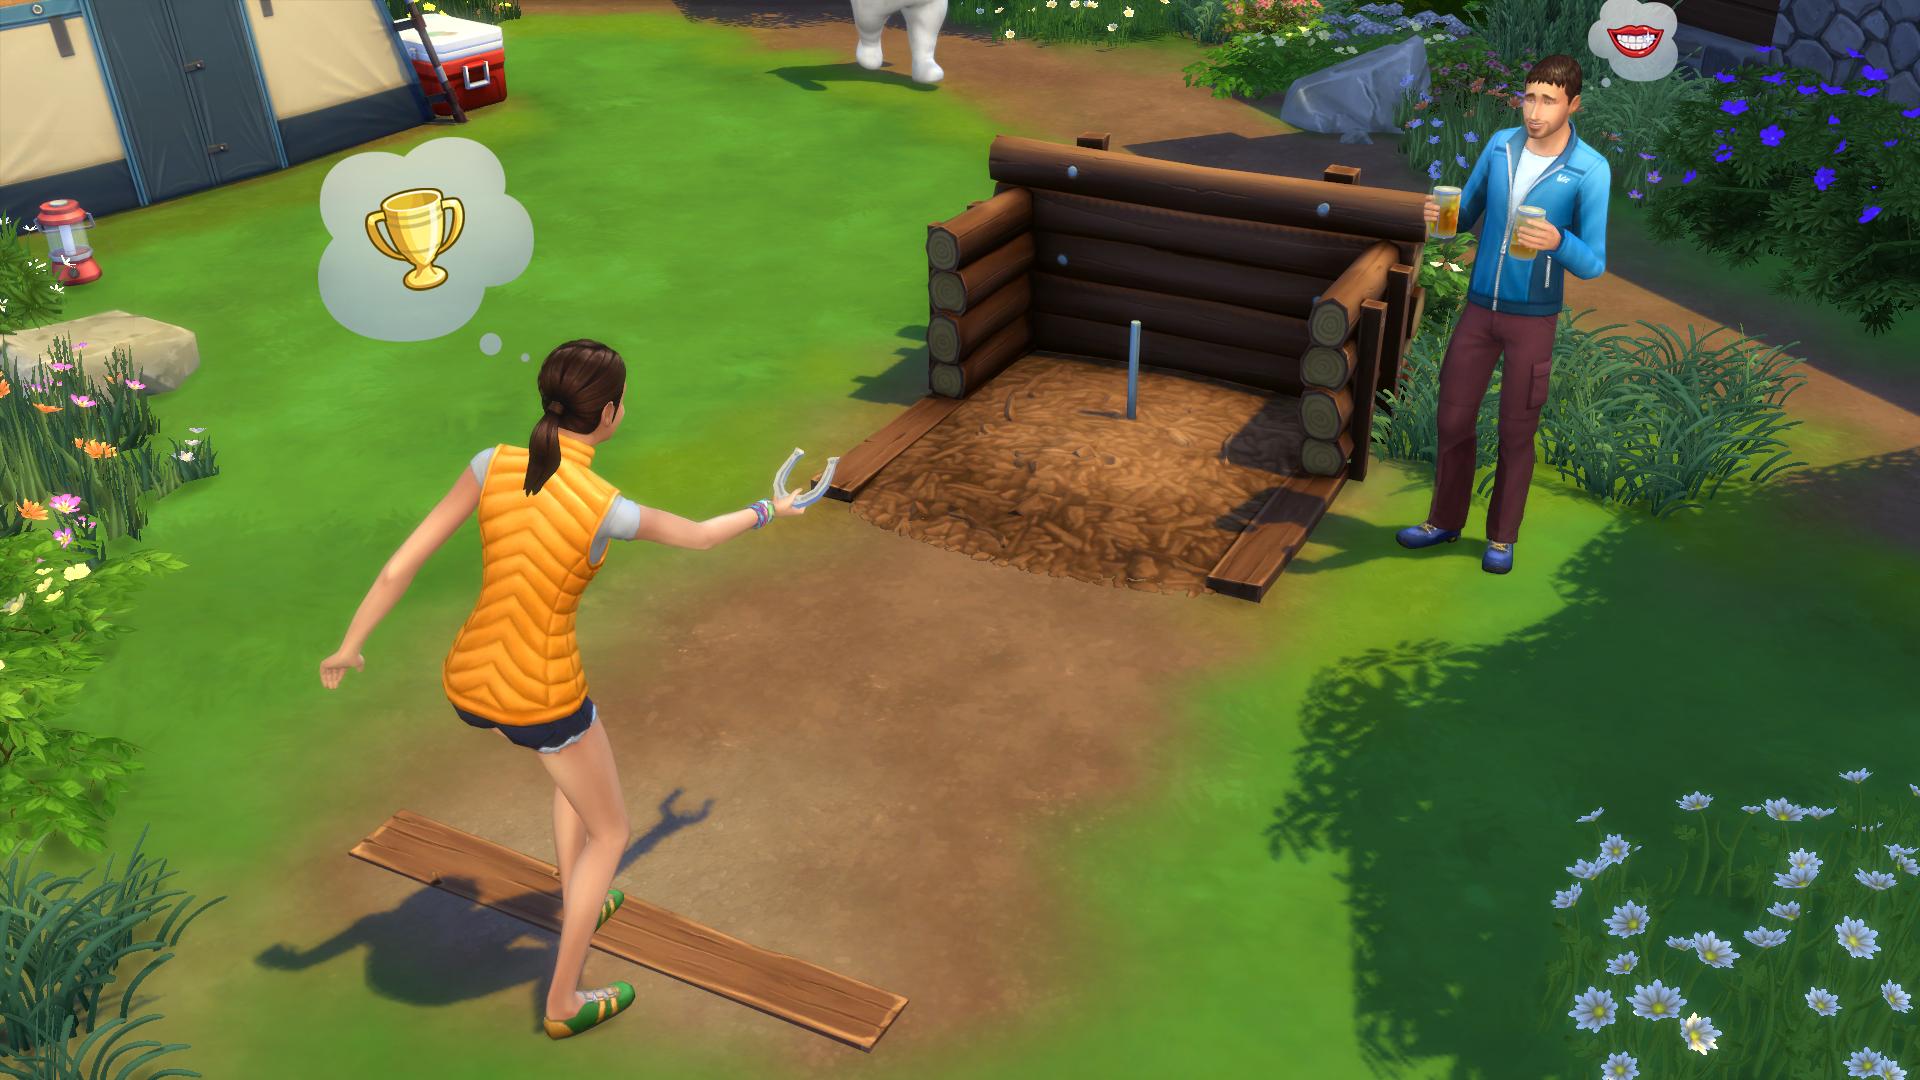 Les Sims 4 Destination Nature 03.png